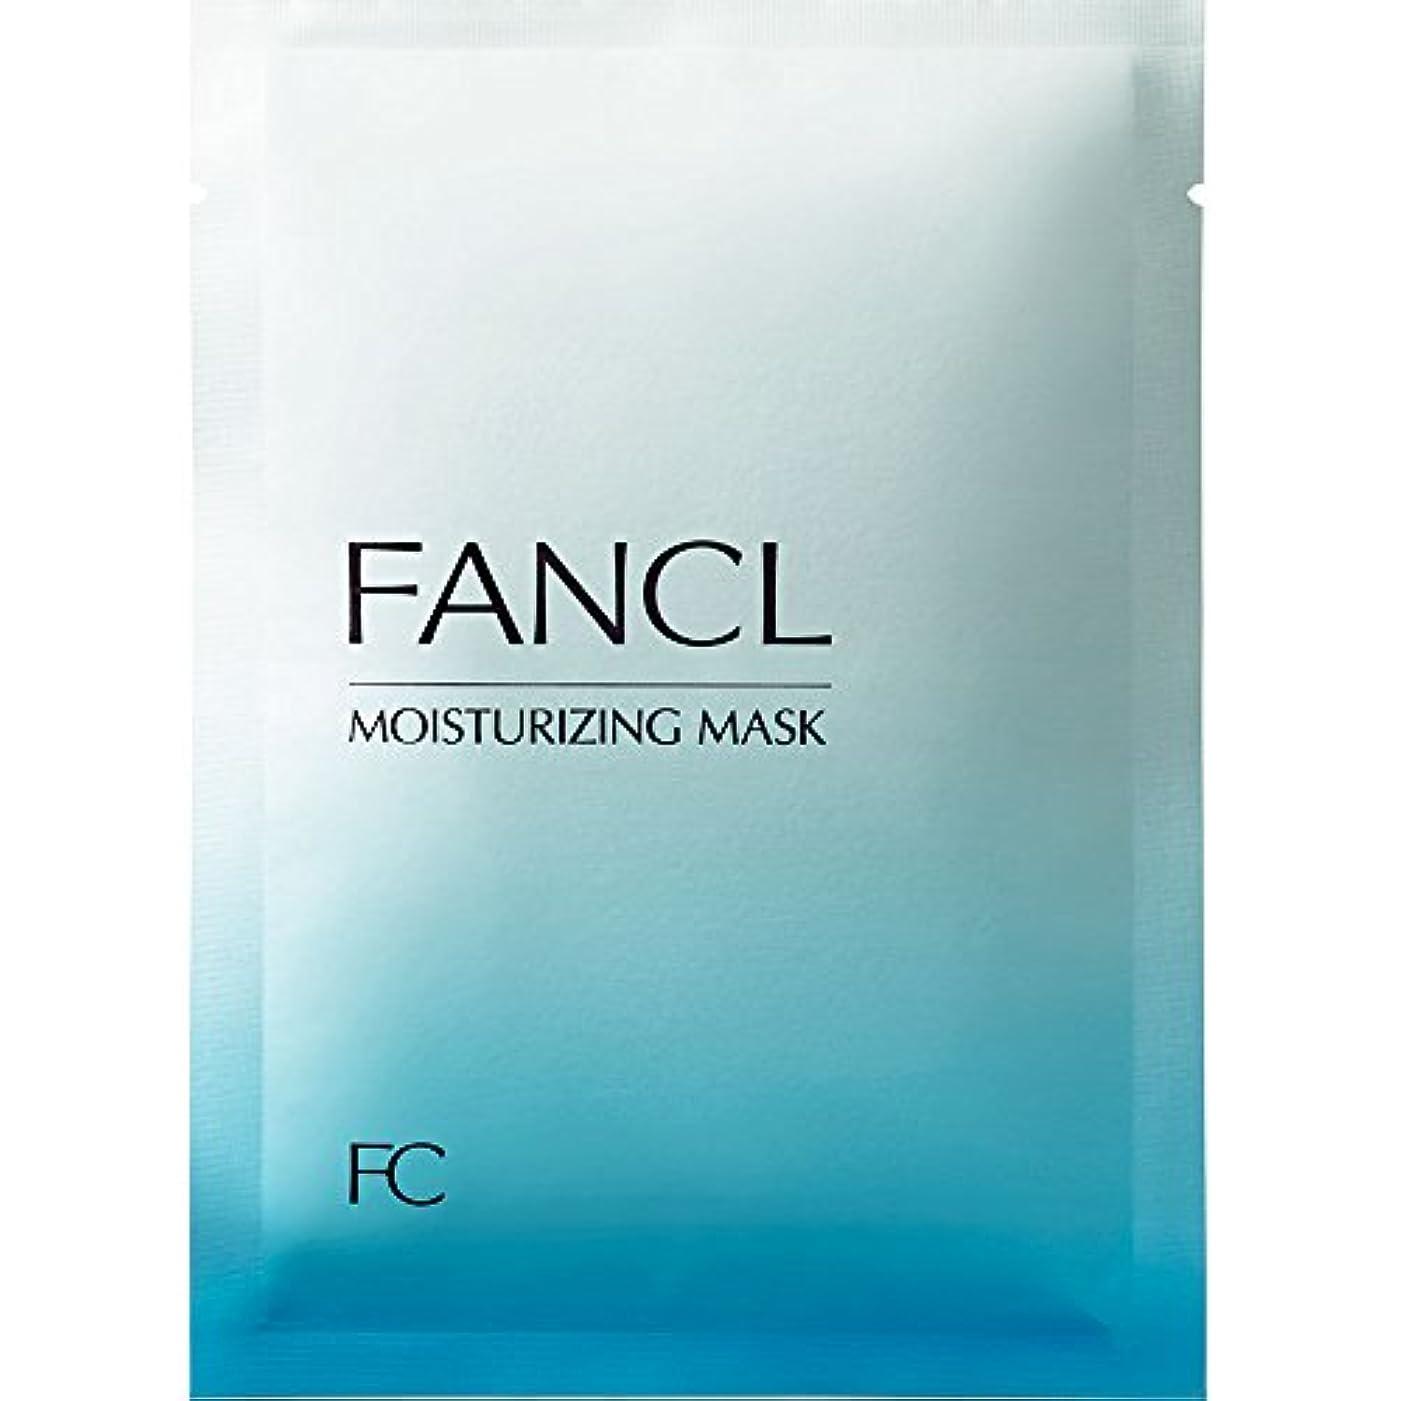 良心的のど未来ファンケル(FANCL) モイスチャライジング マスク 18mL×6枚